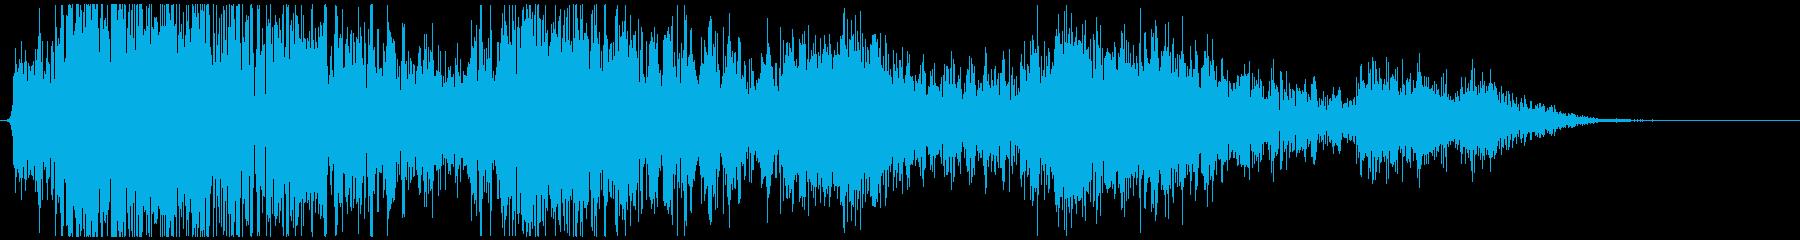 オイルドラム爆発爆発と爆弾の再生済みの波形